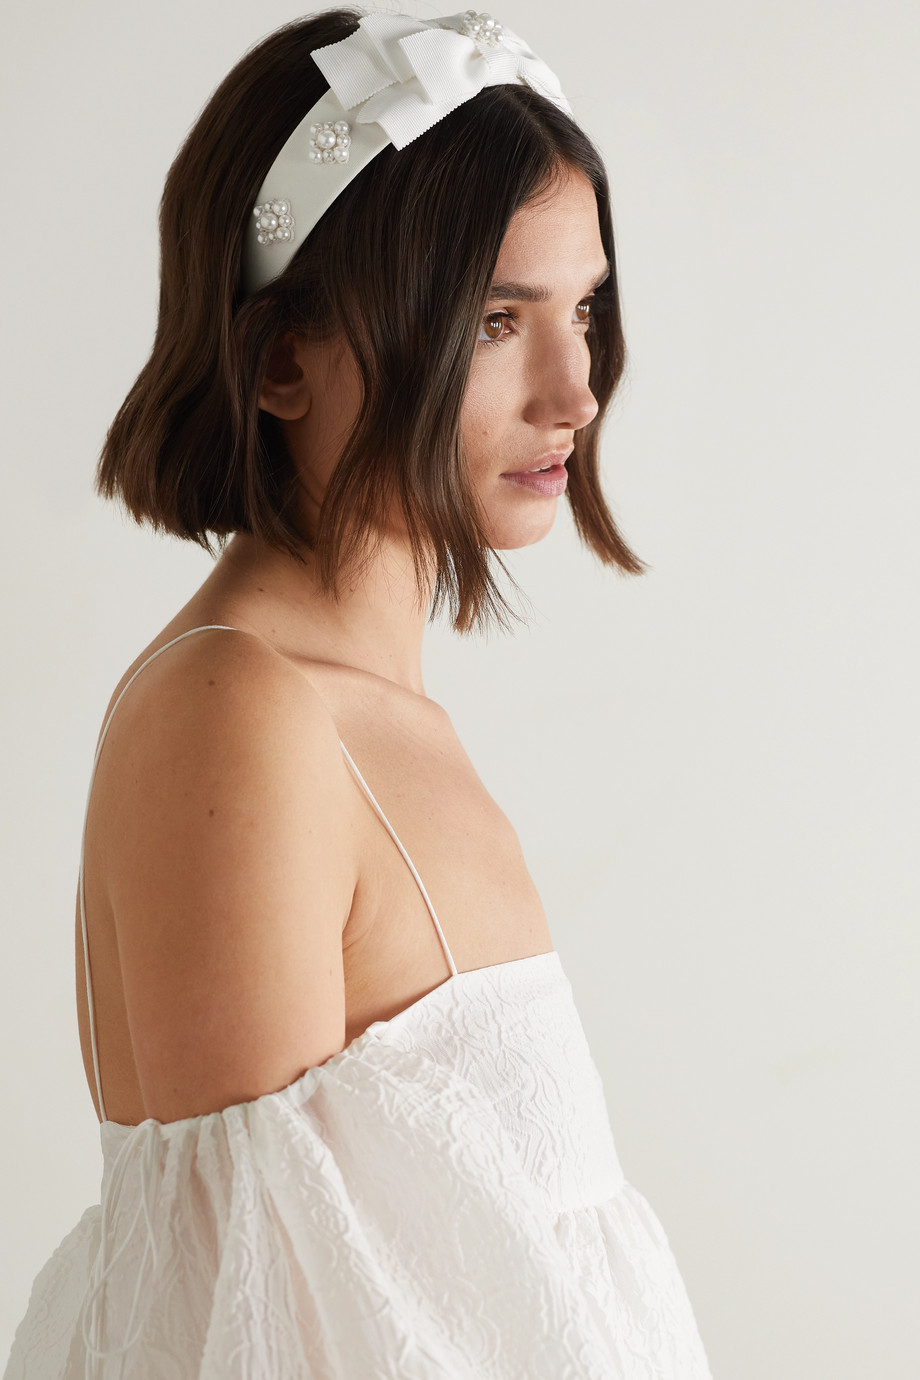 Erdem Bridal Haarreif aus Ripsband mit Kunstperlen